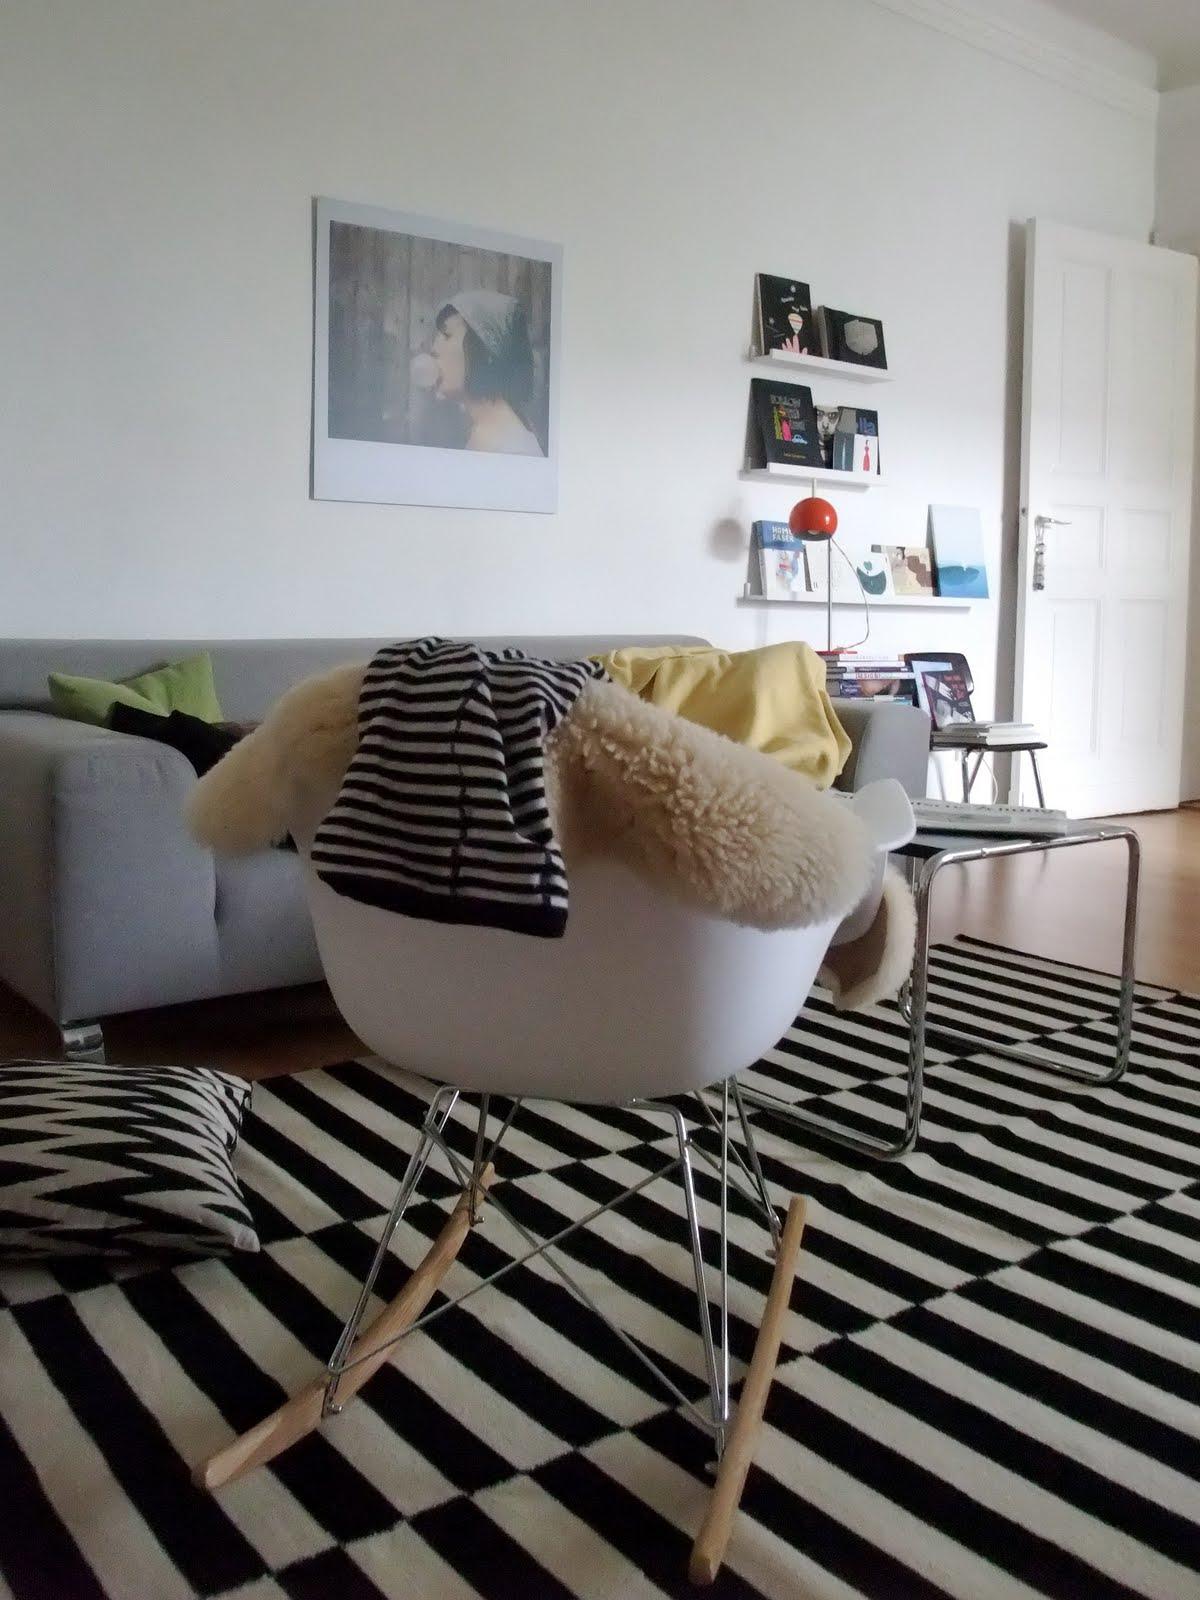 alles neu macht der april m i ma. Black Bedroom Furniture Sets. Home Design Ideas